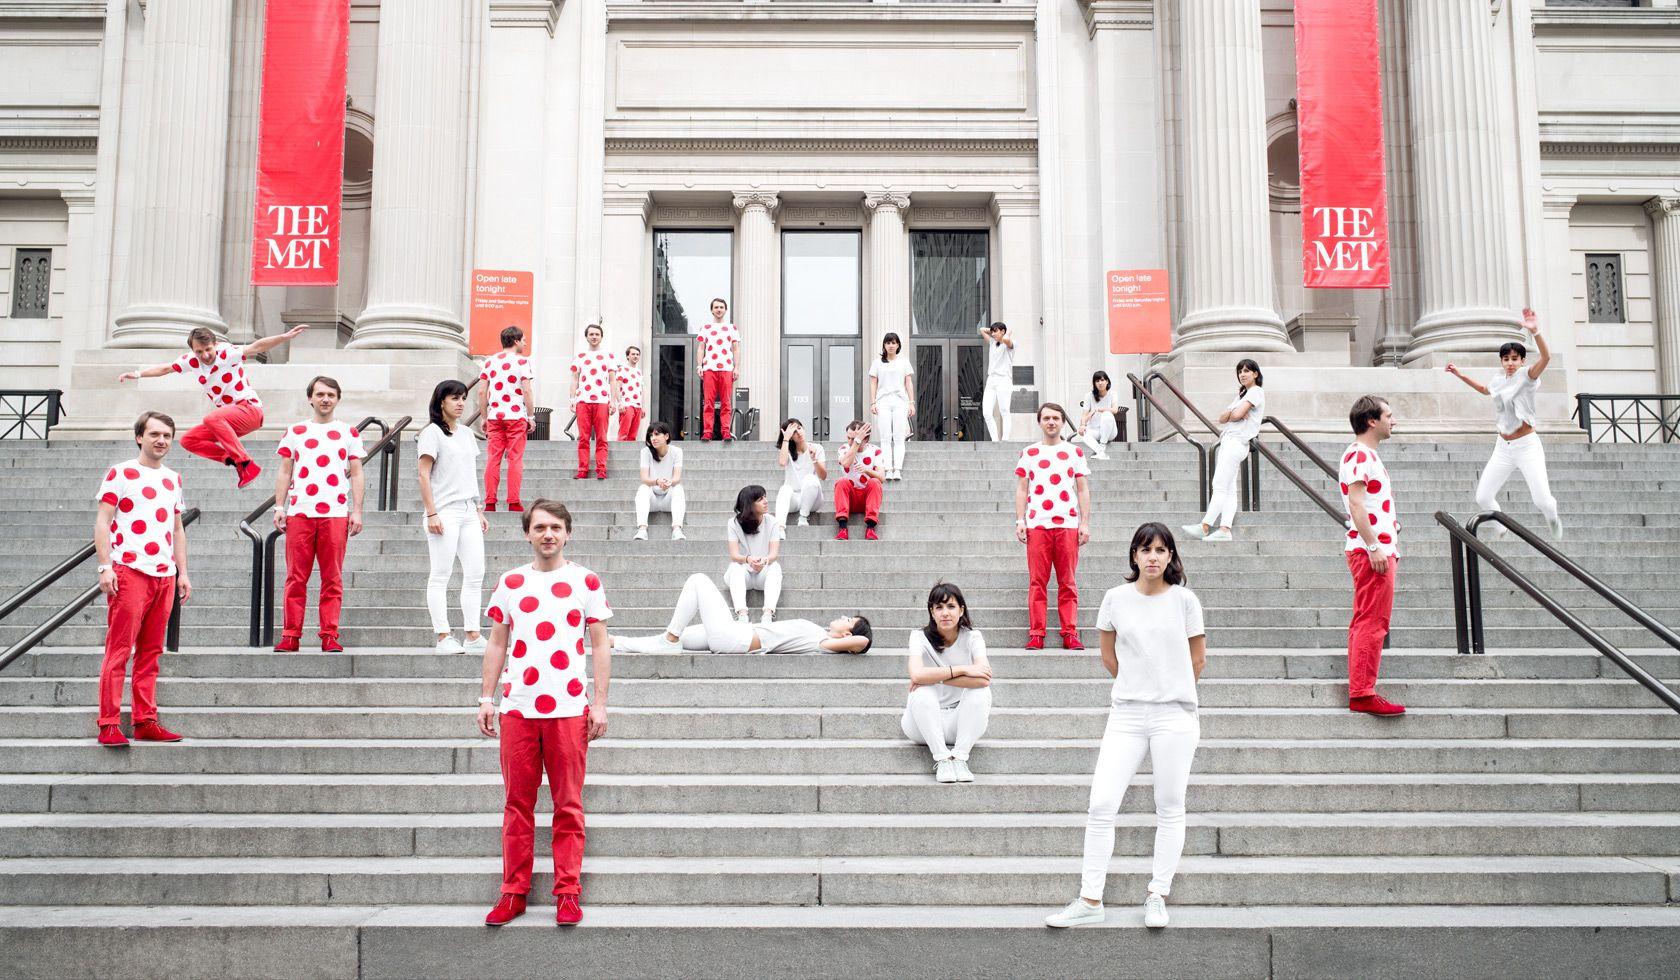 """Consulta este proyecto @Behance: """"The Met"""" https://www.behance.net/gallery/45168631/The-Met"""